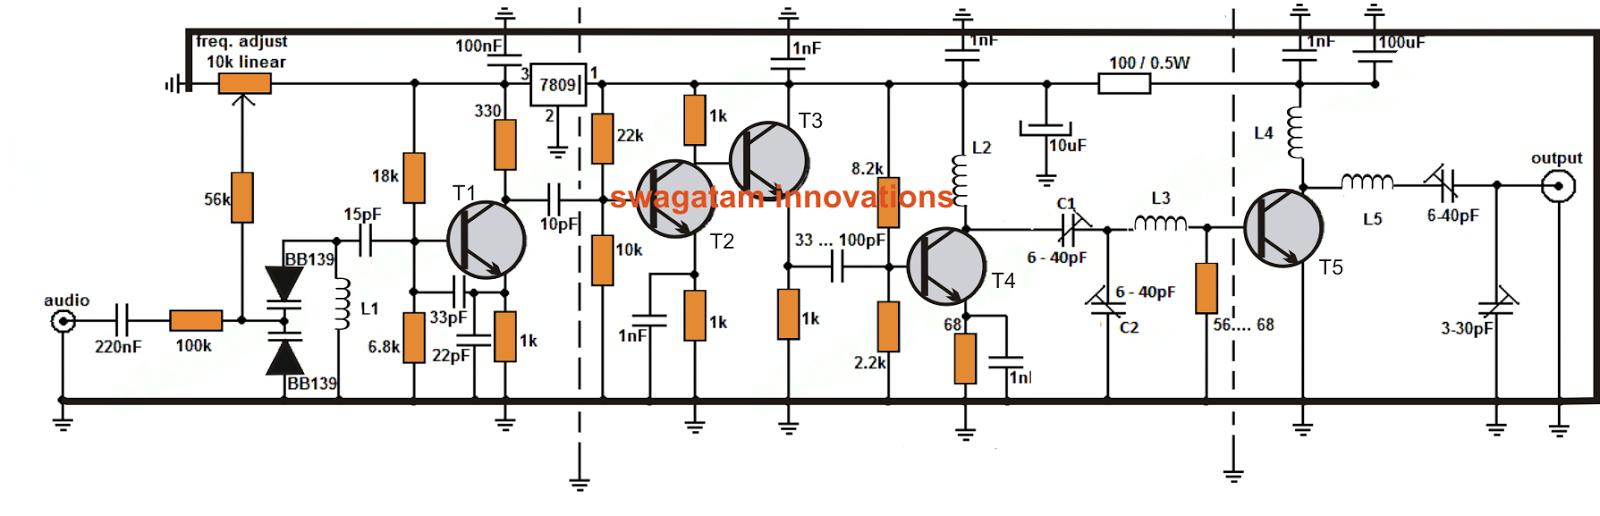 Long Range Transmitter Circuit 2 To 5 Km Range